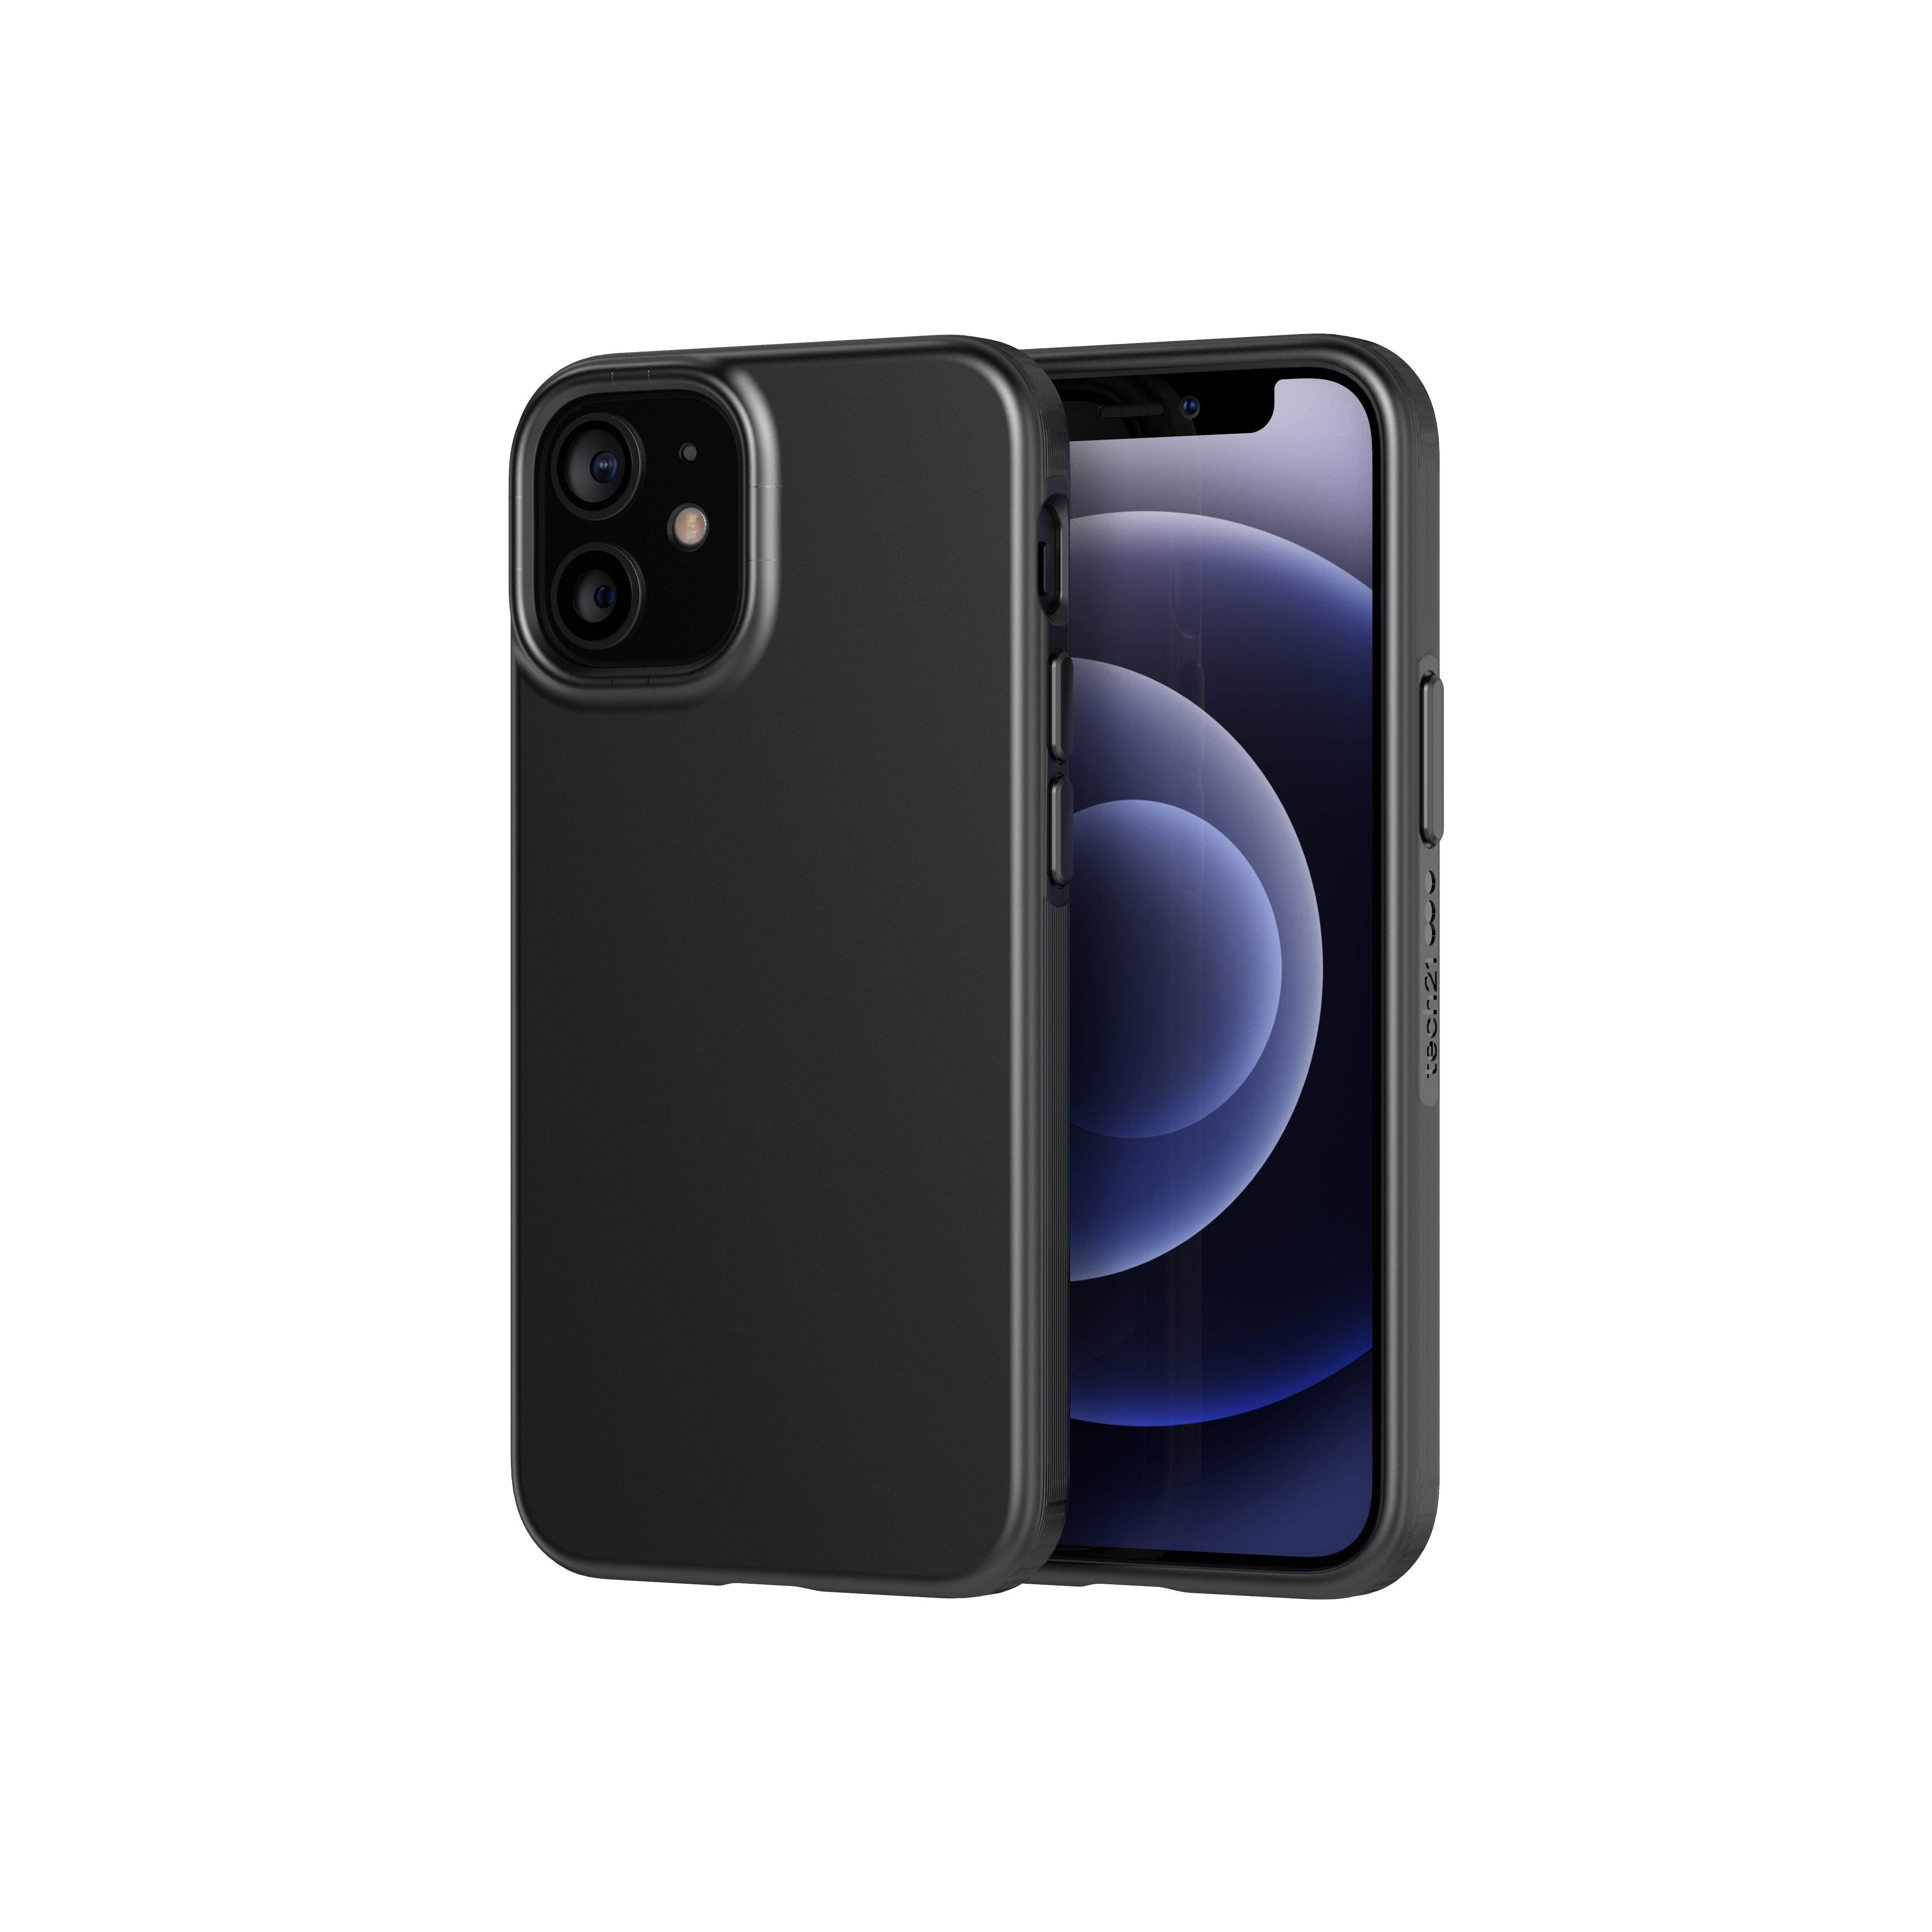 Evo Slim Case iPhone 12 Mini Charcoal Black